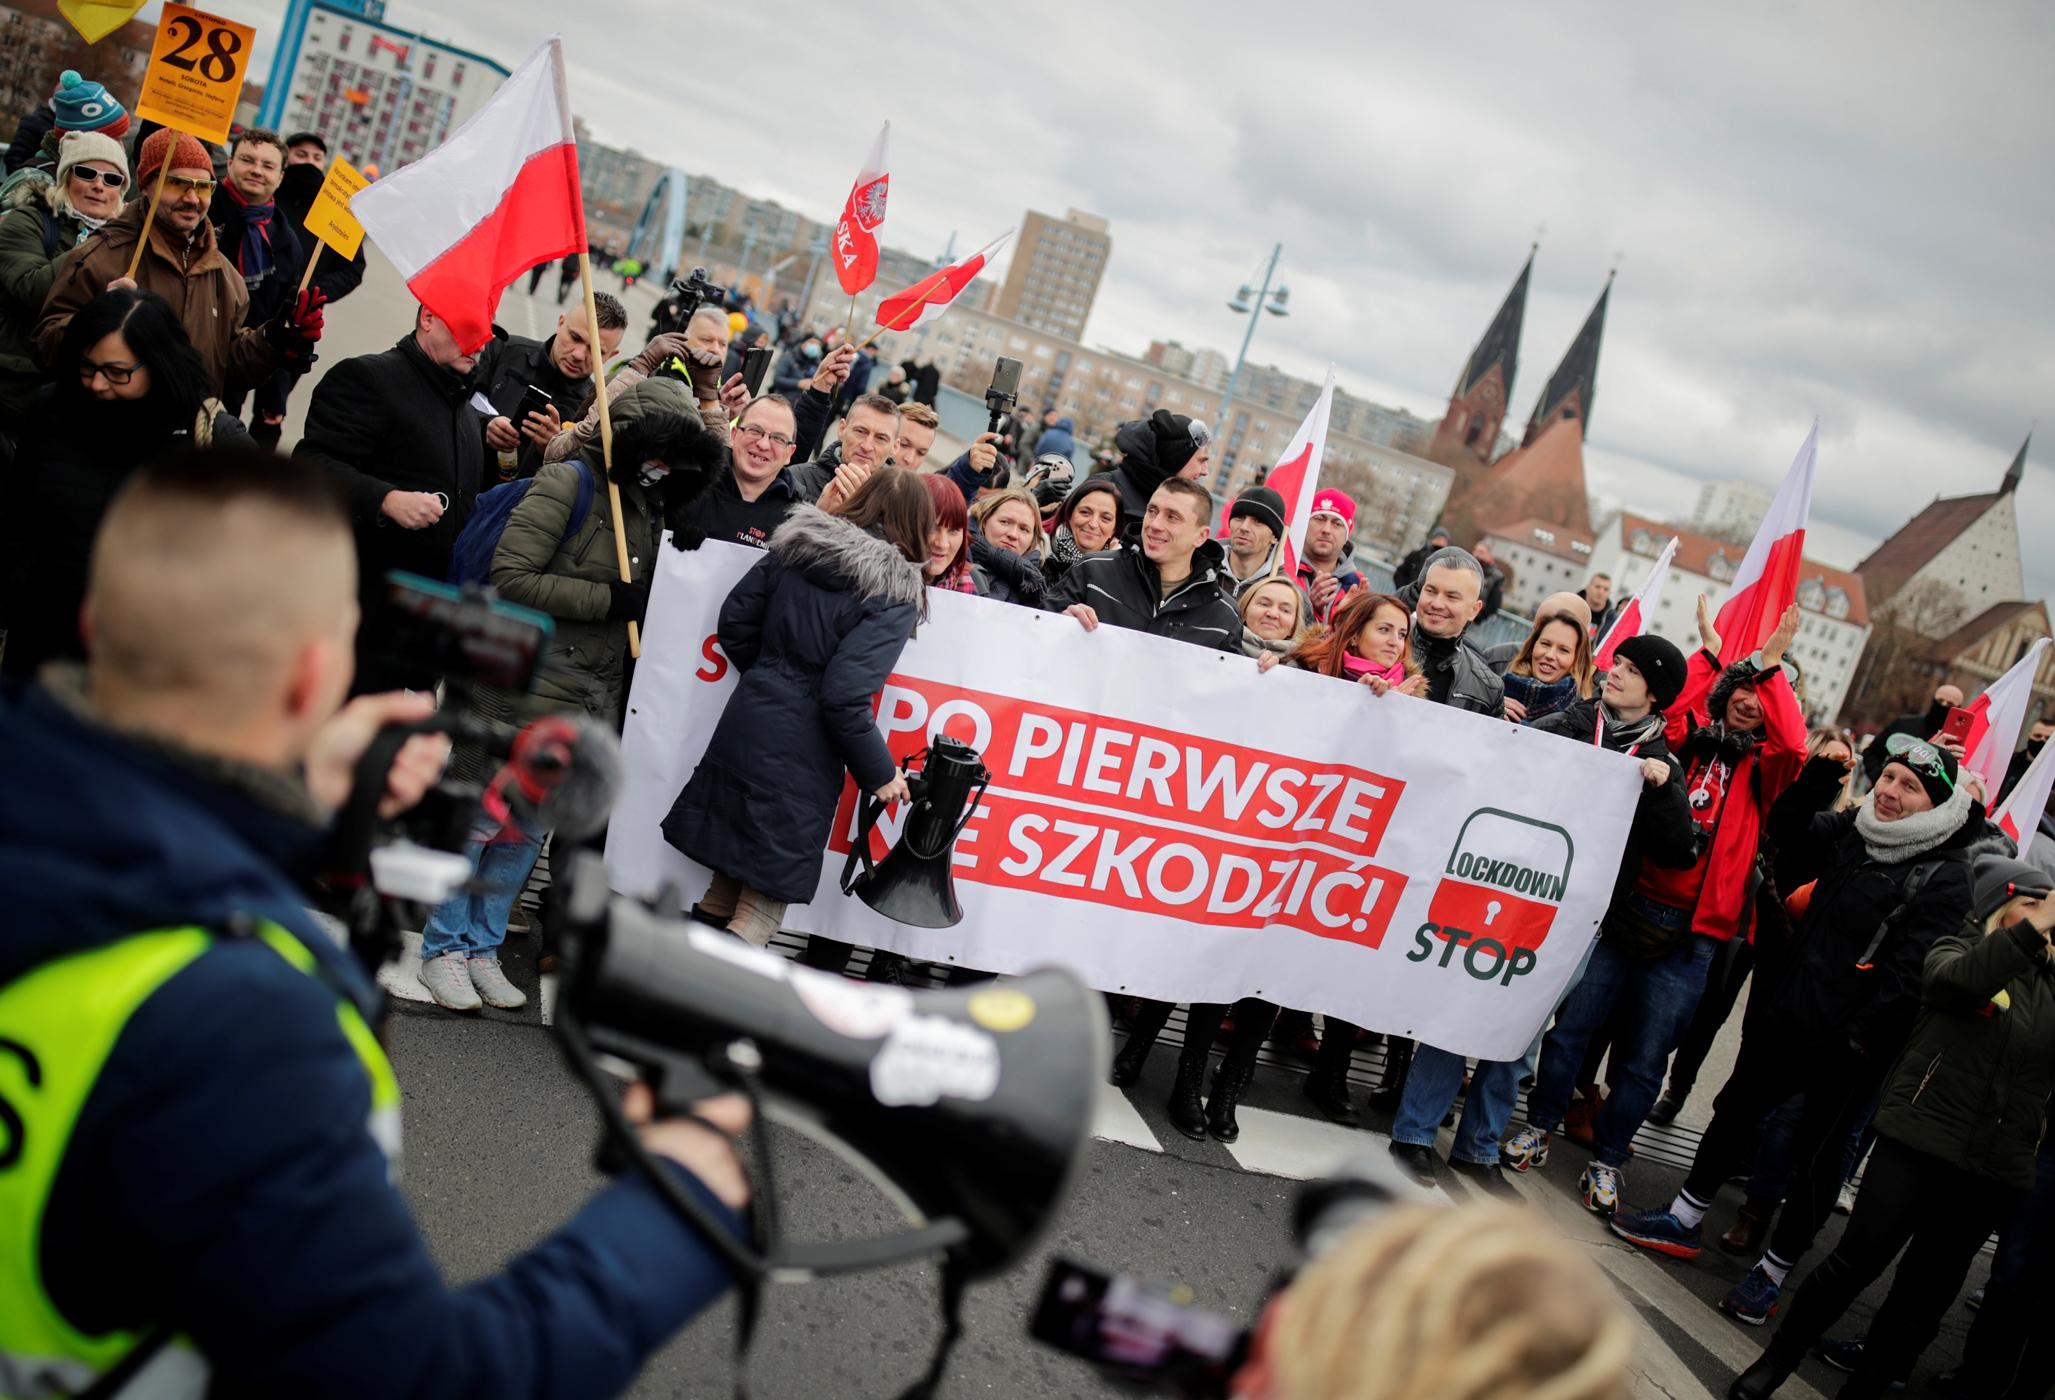 """Γερμανία: Ανησυχία για τους αρνητές του κορονοϊού – """"Προσεχτική ματιά"""" ζητά ο Ζέεχοφερ"""